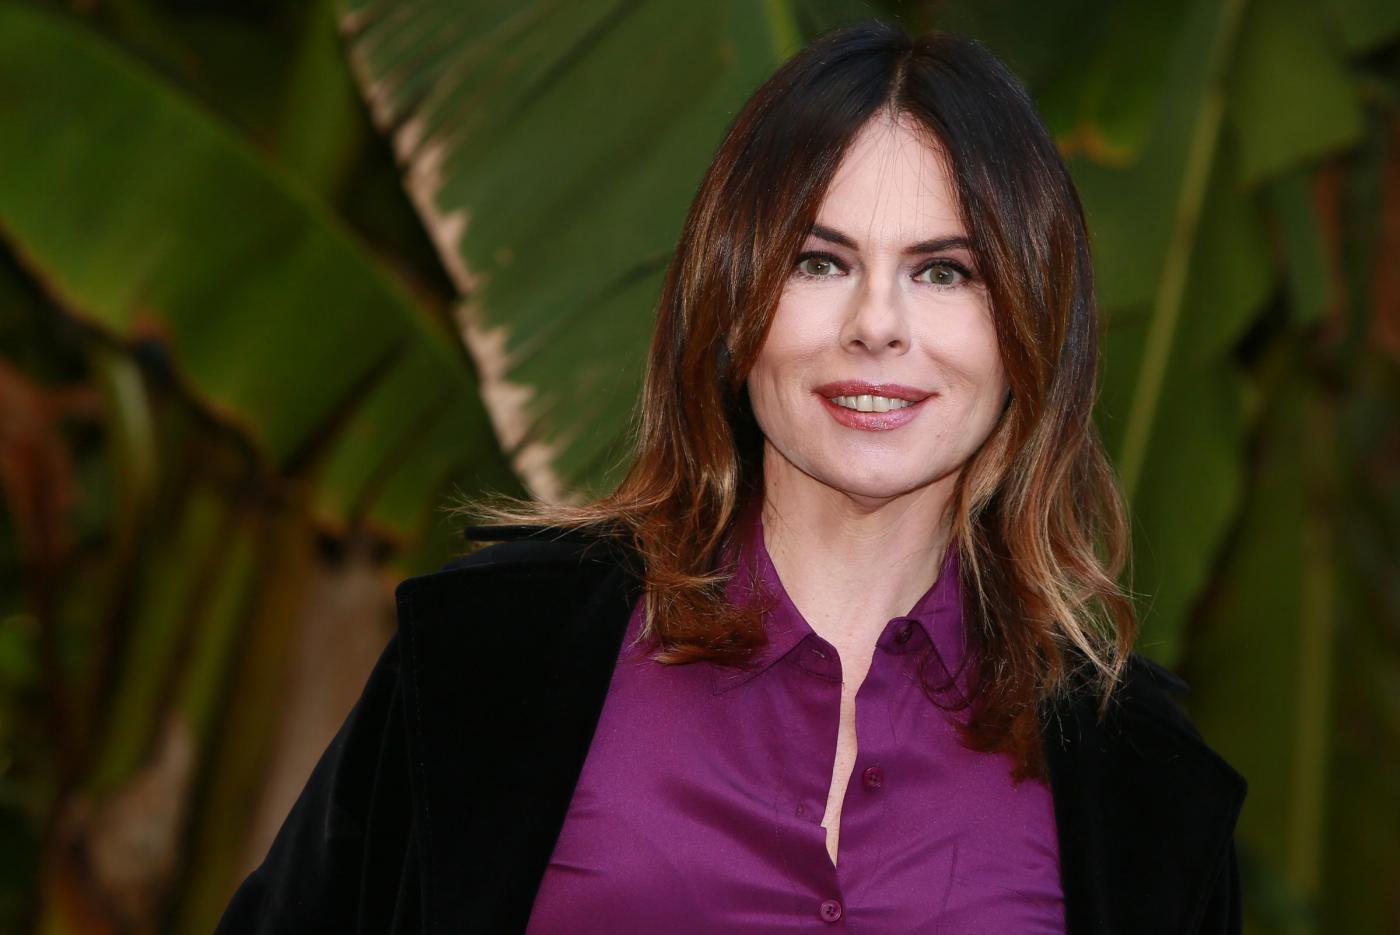 Paola Perego news: 'Soffrivo di attacchi di panico e me ne vergognavo'